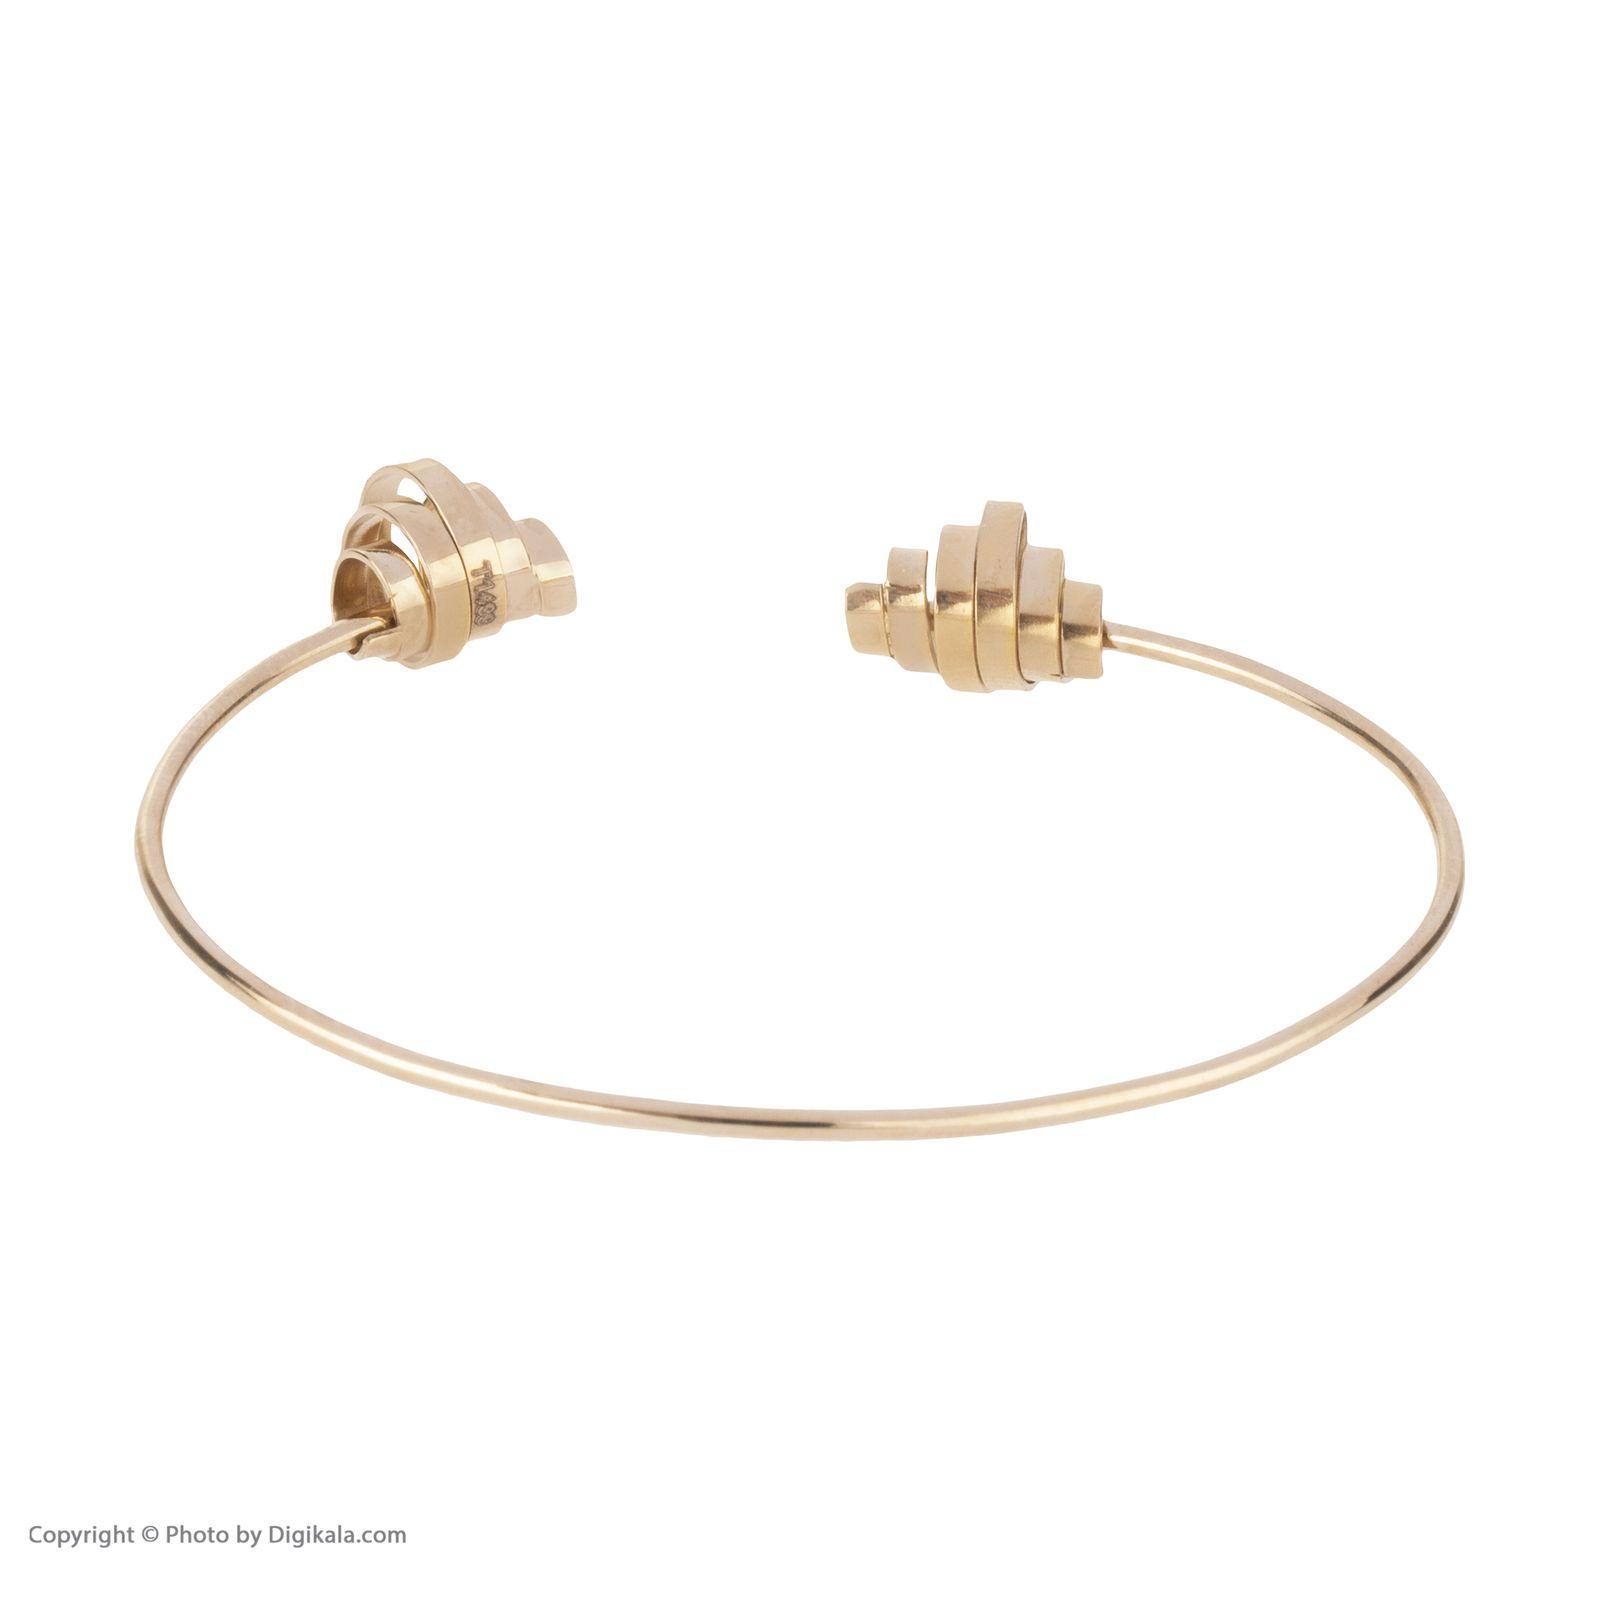 دستبند النگویی طلا 18 عیار زنانه سنجاق مدل X071474 -  - 5